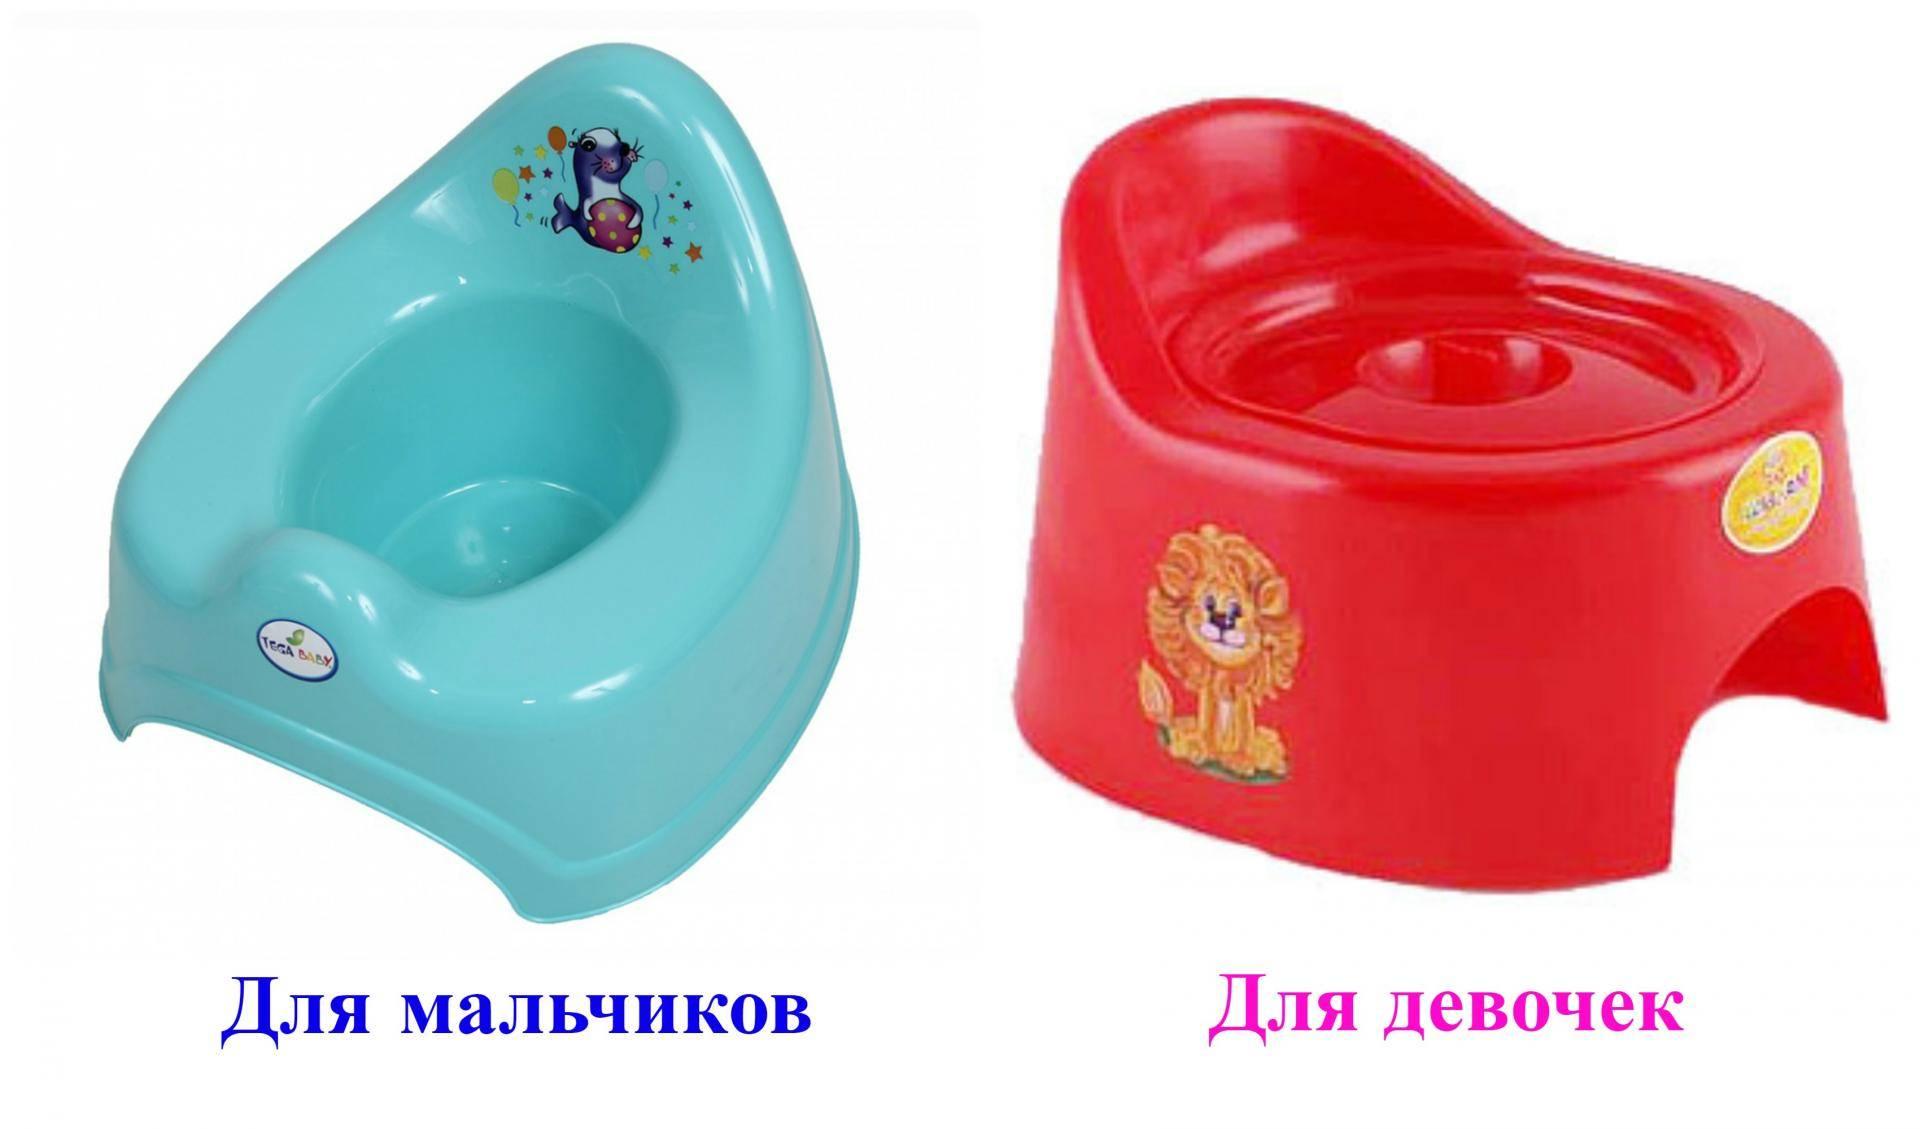 Детский горшок для девочек (32 фото): как правильно выбрать первый горшок и какой лучше и удобнее, отзывы